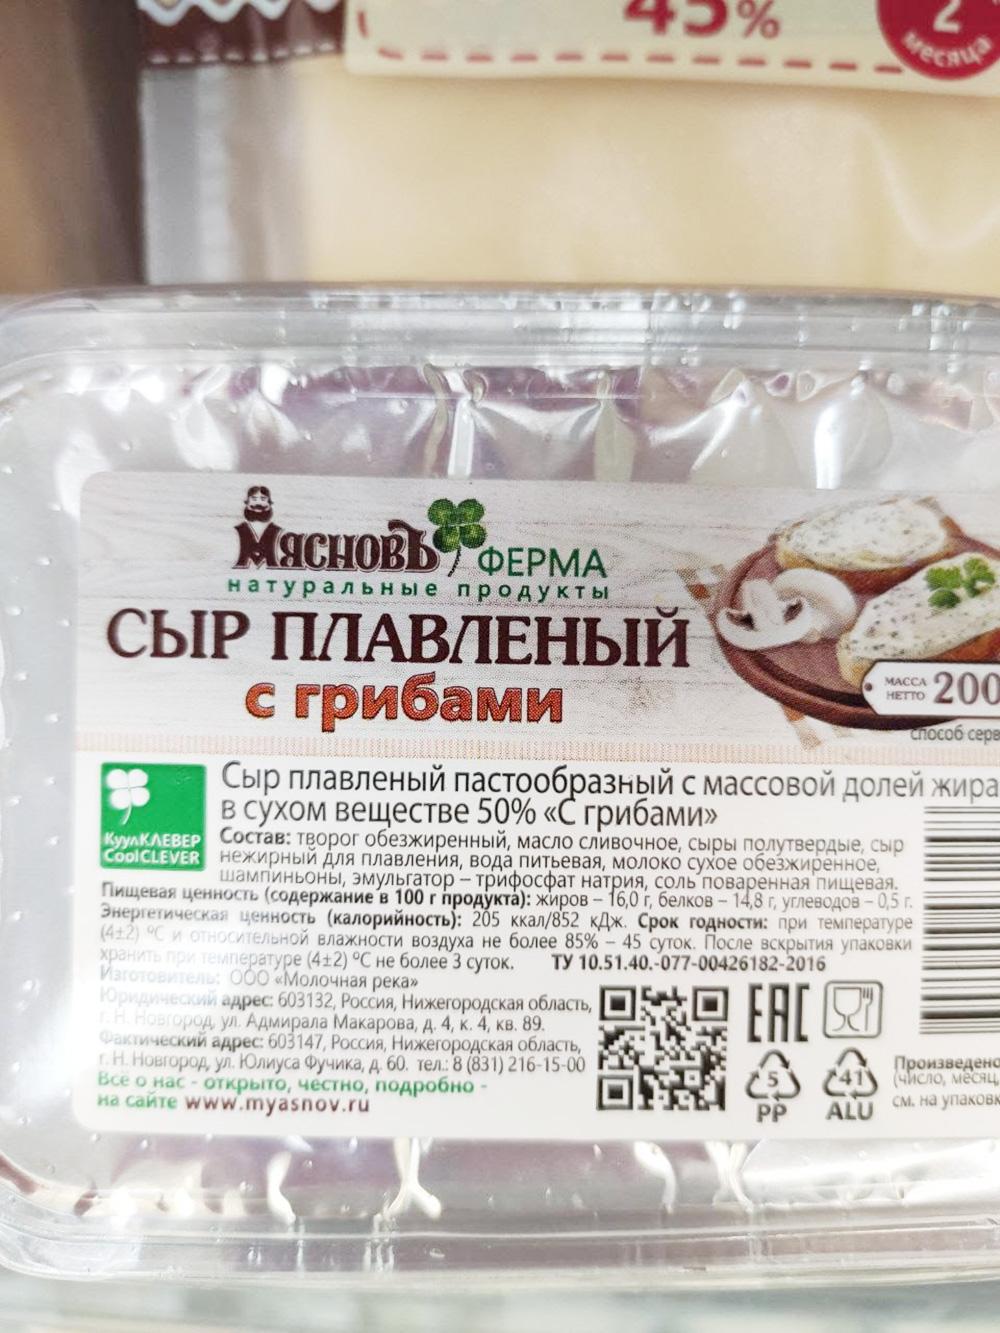 Если в продукте есть сухое молоко, об этом обязательно напишут в составе